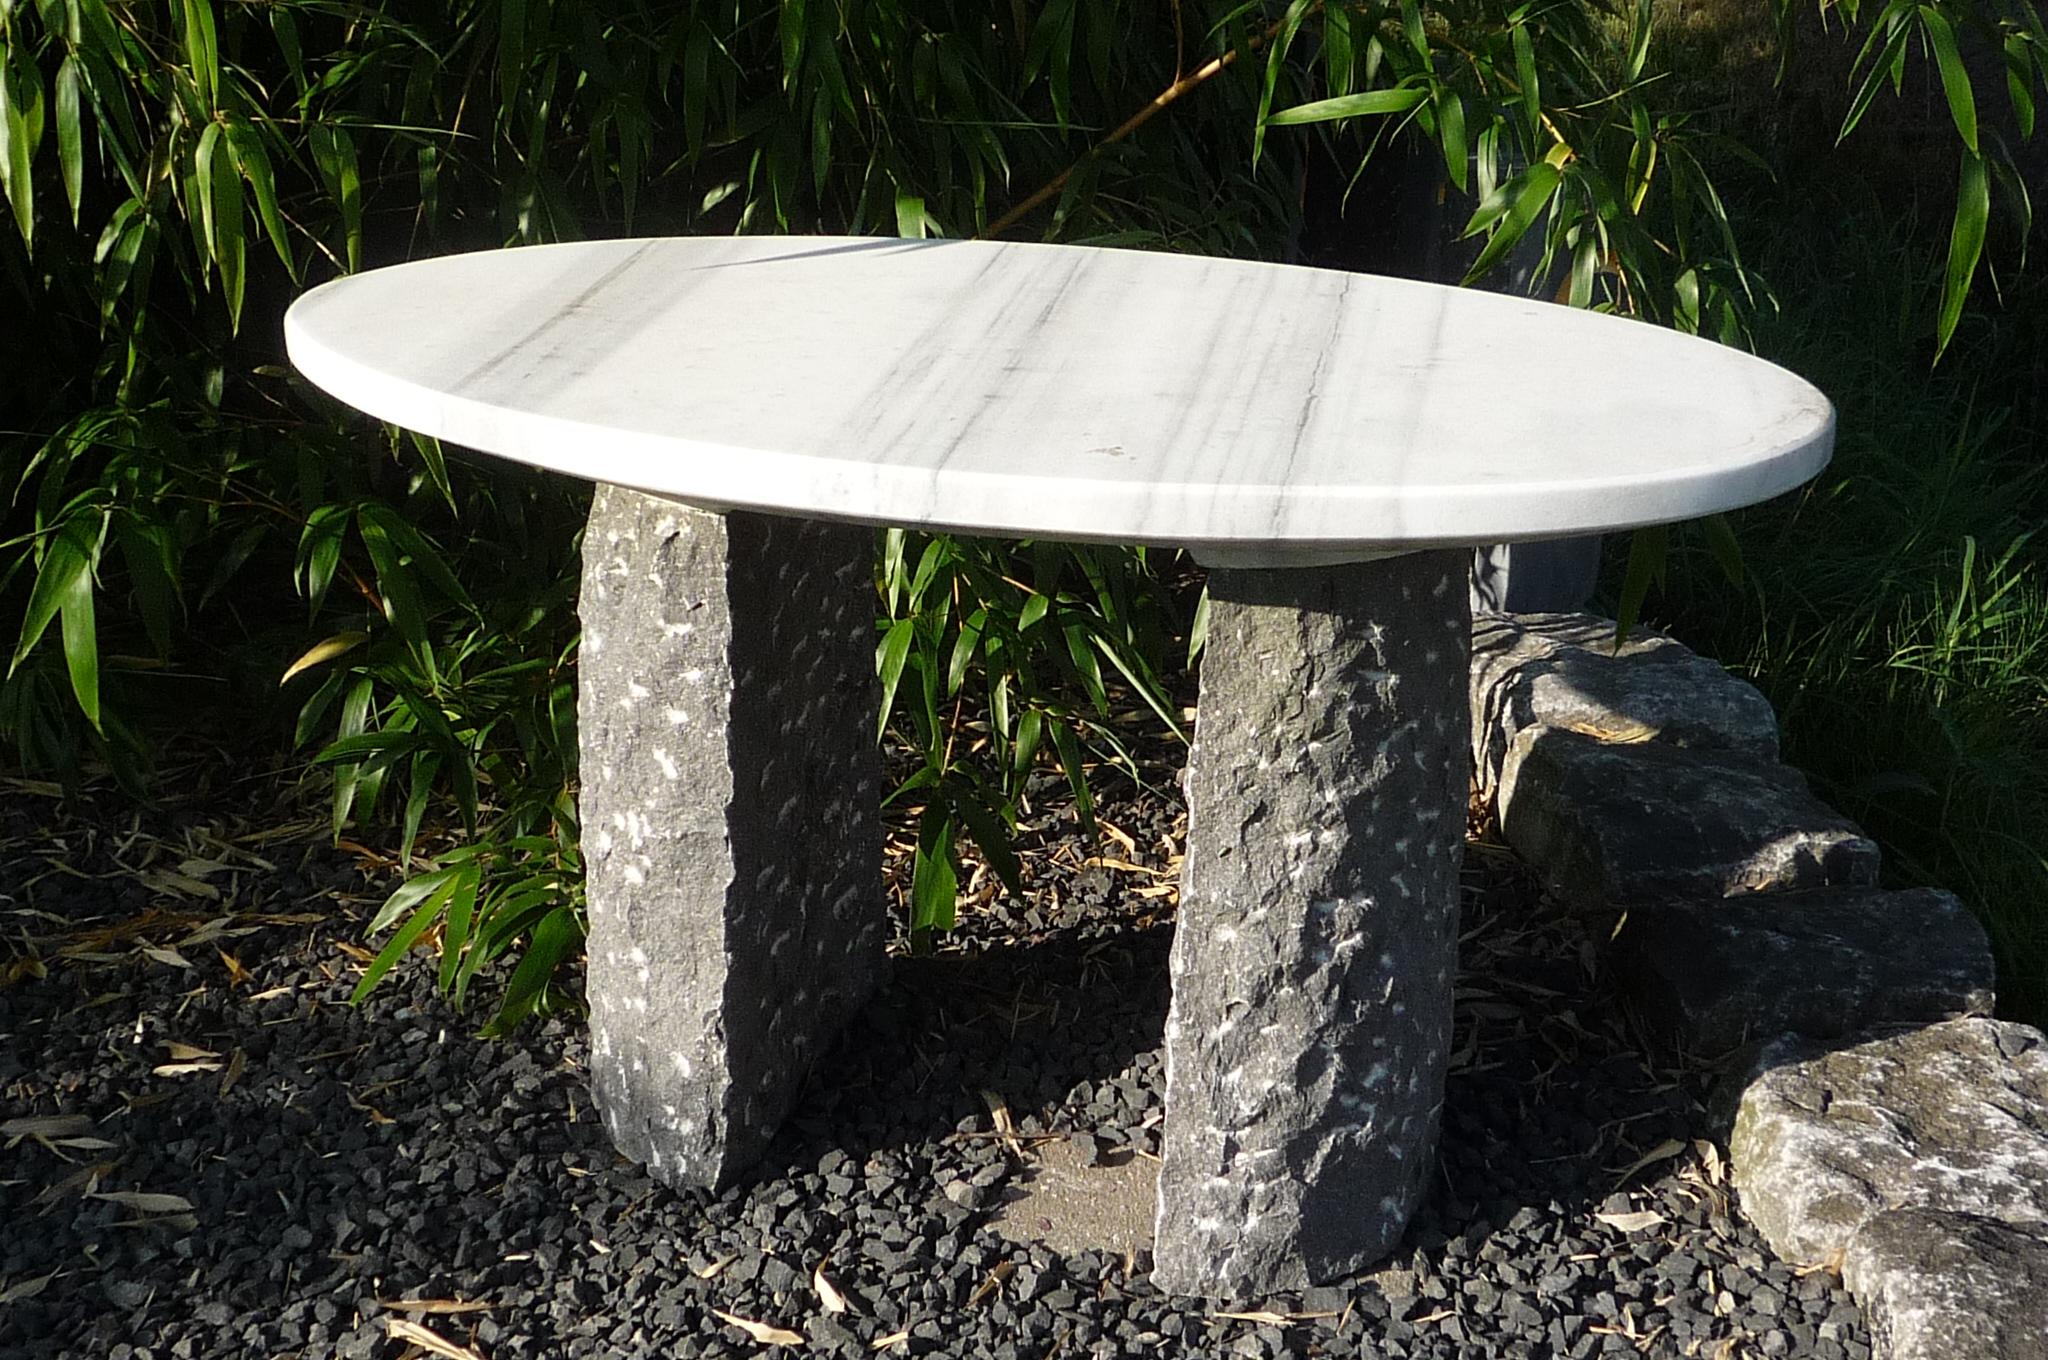 Deze tafel is populair en staat ergens, illegaal verkregen, in een tuin omgeving Leusden of Amersfoort. De vinder meld zich. Formaat 80 x 50 x 65 cm. Materialen: Zebra Marmer en Belgisch Hardsteen.